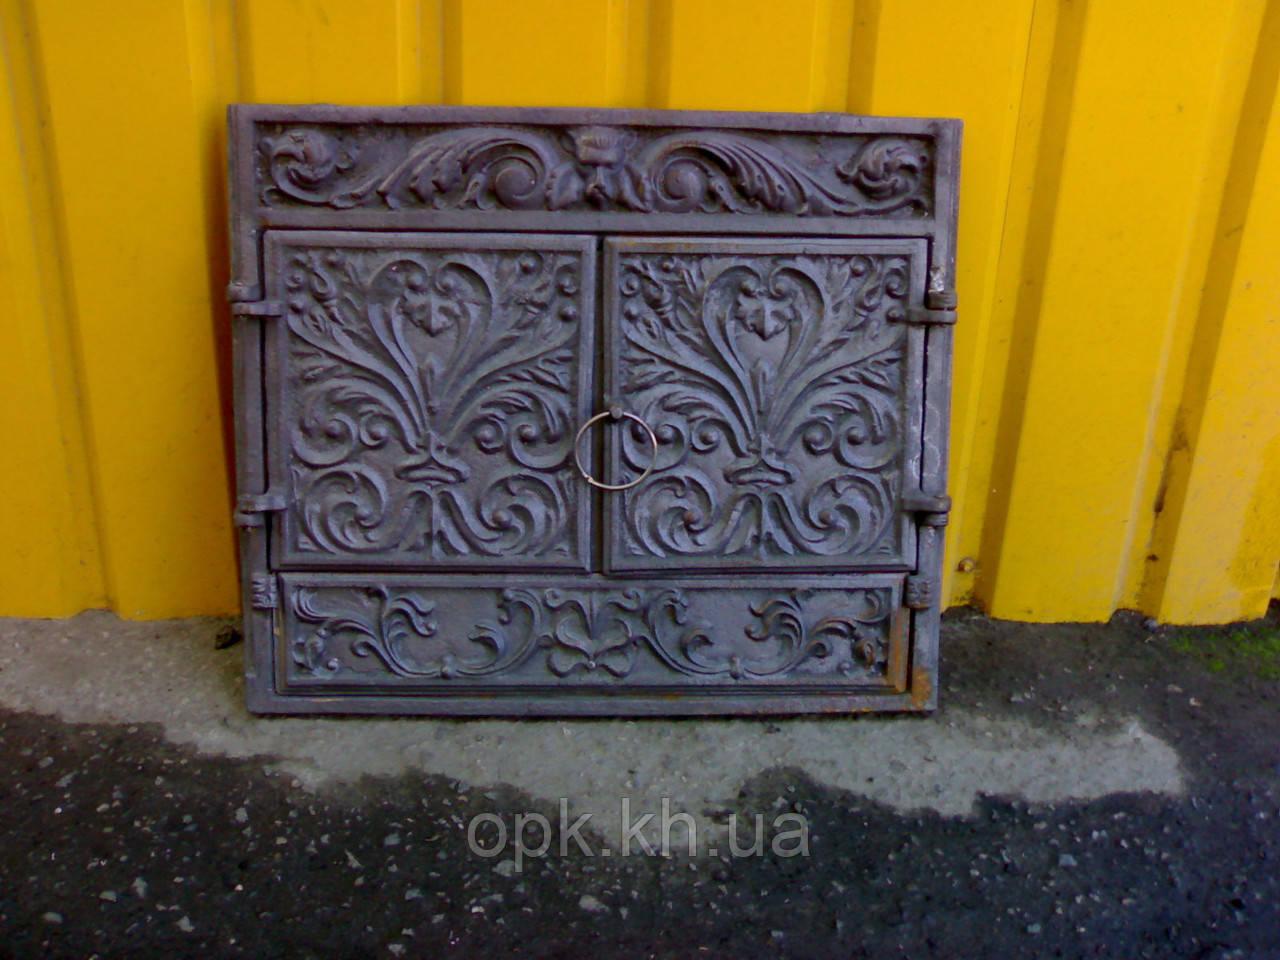 ✅ Портал чугунный на камин с дверями фасадными 560 х 660 мм - ТОВ О.П.К. Компанi в Харькове